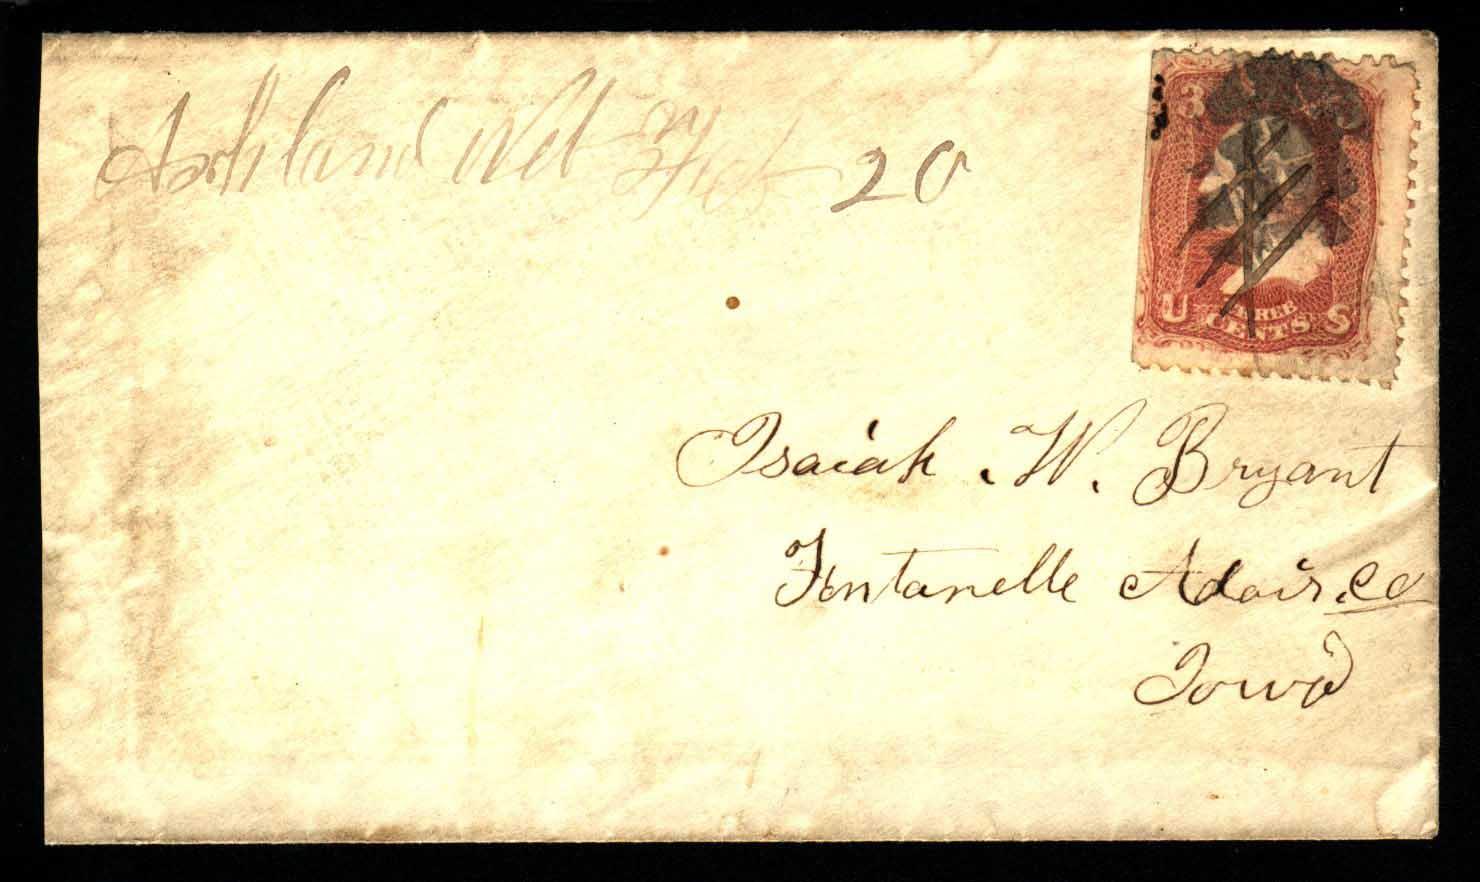 Ashland 1867 02 20